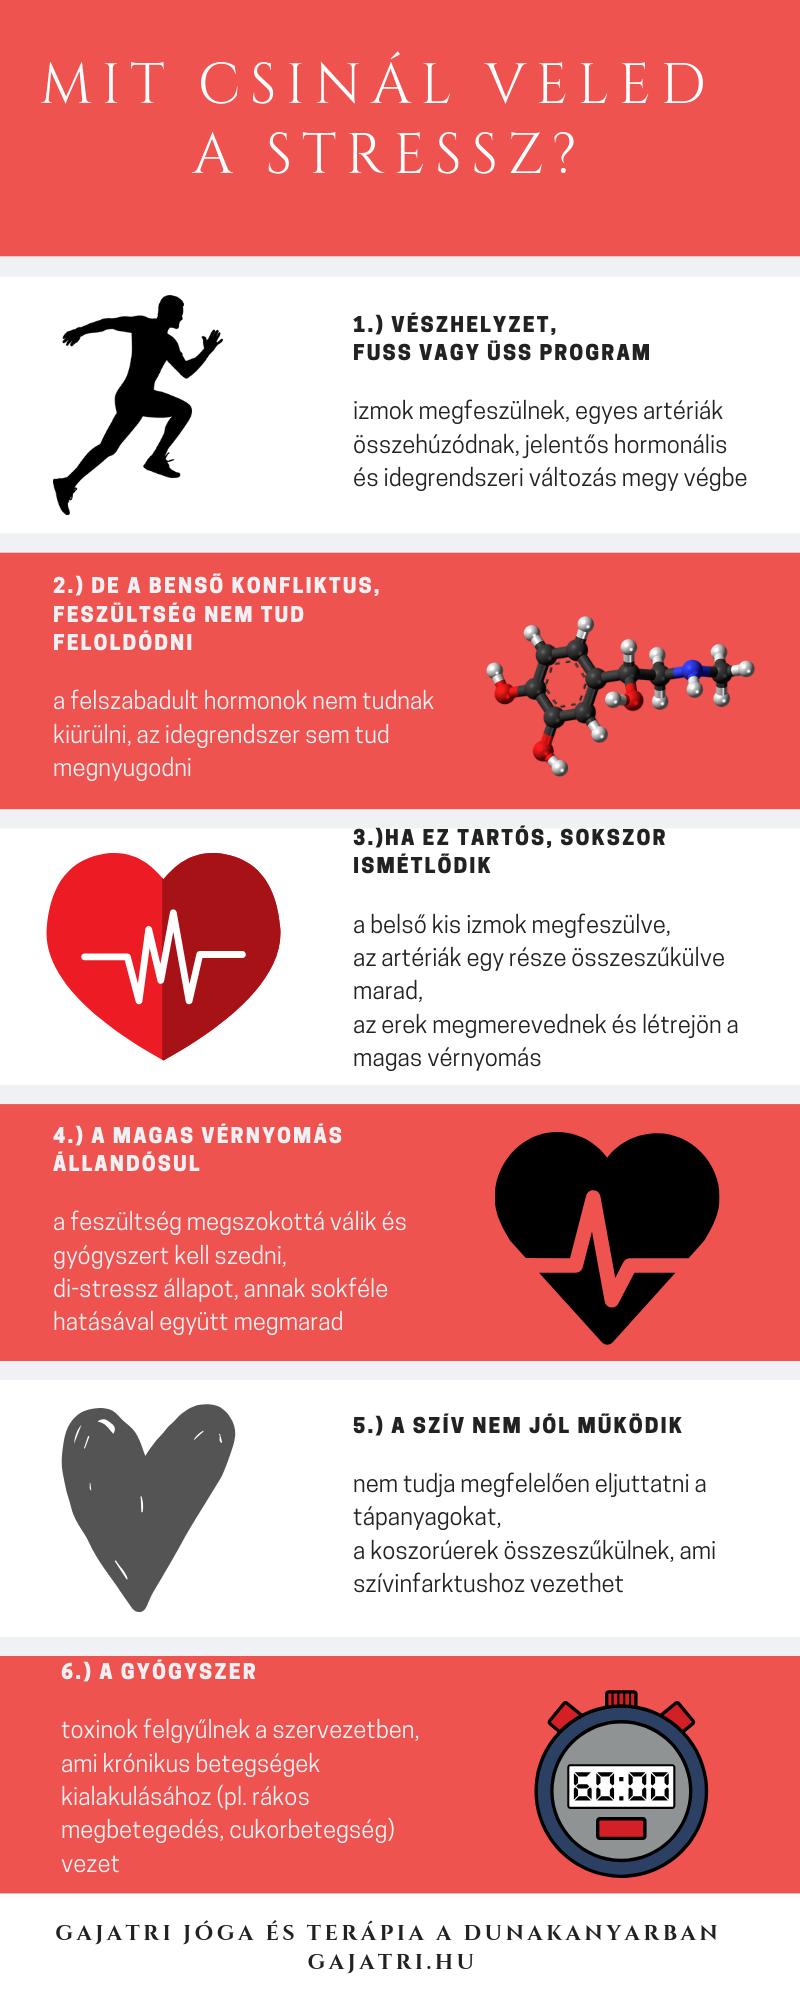 a magas vérnyomás elsődleges másodlagos megelőzése antibiotikum magas vérnyomás ellen